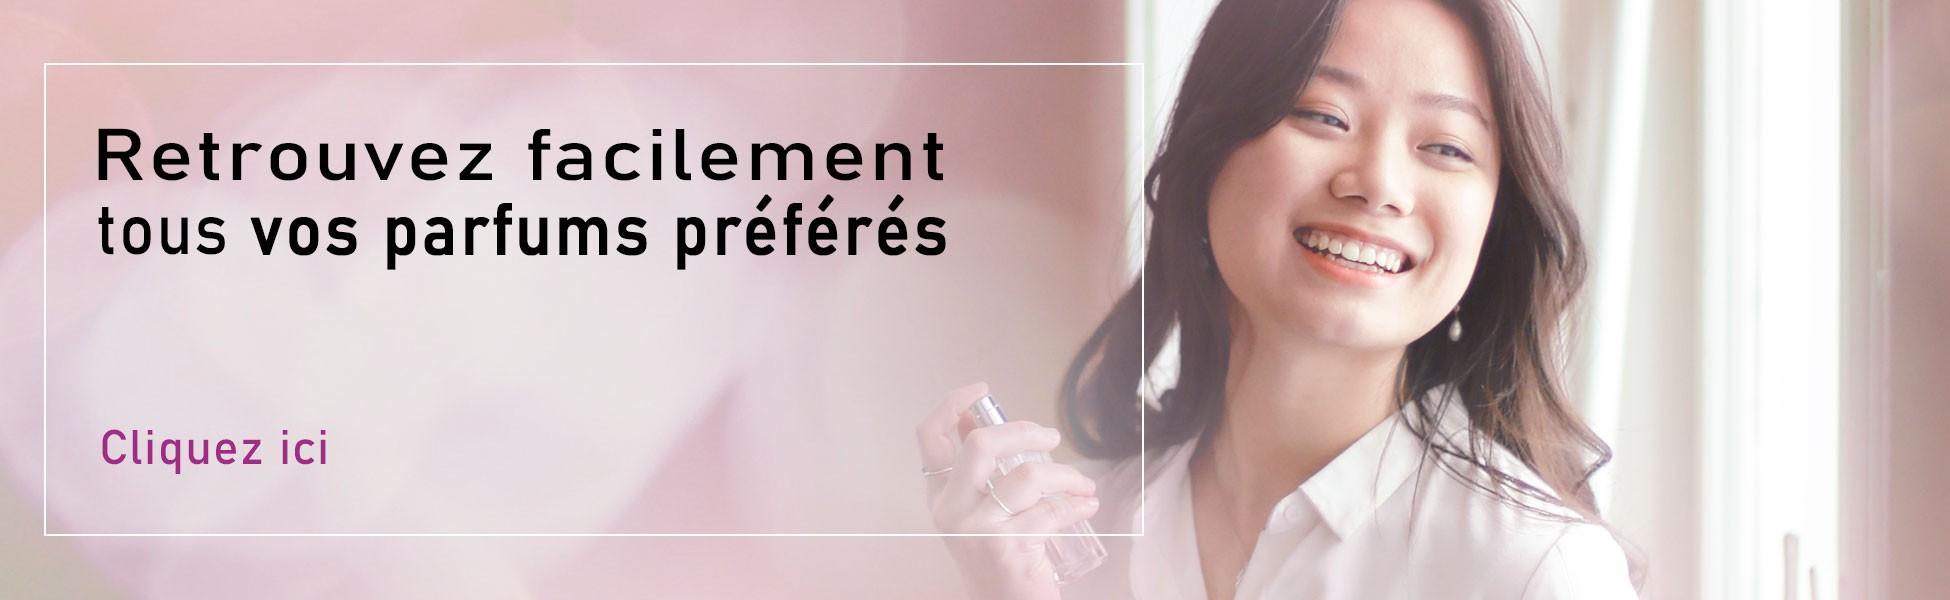 Retrouvez facilement tous vos parfums préférés.